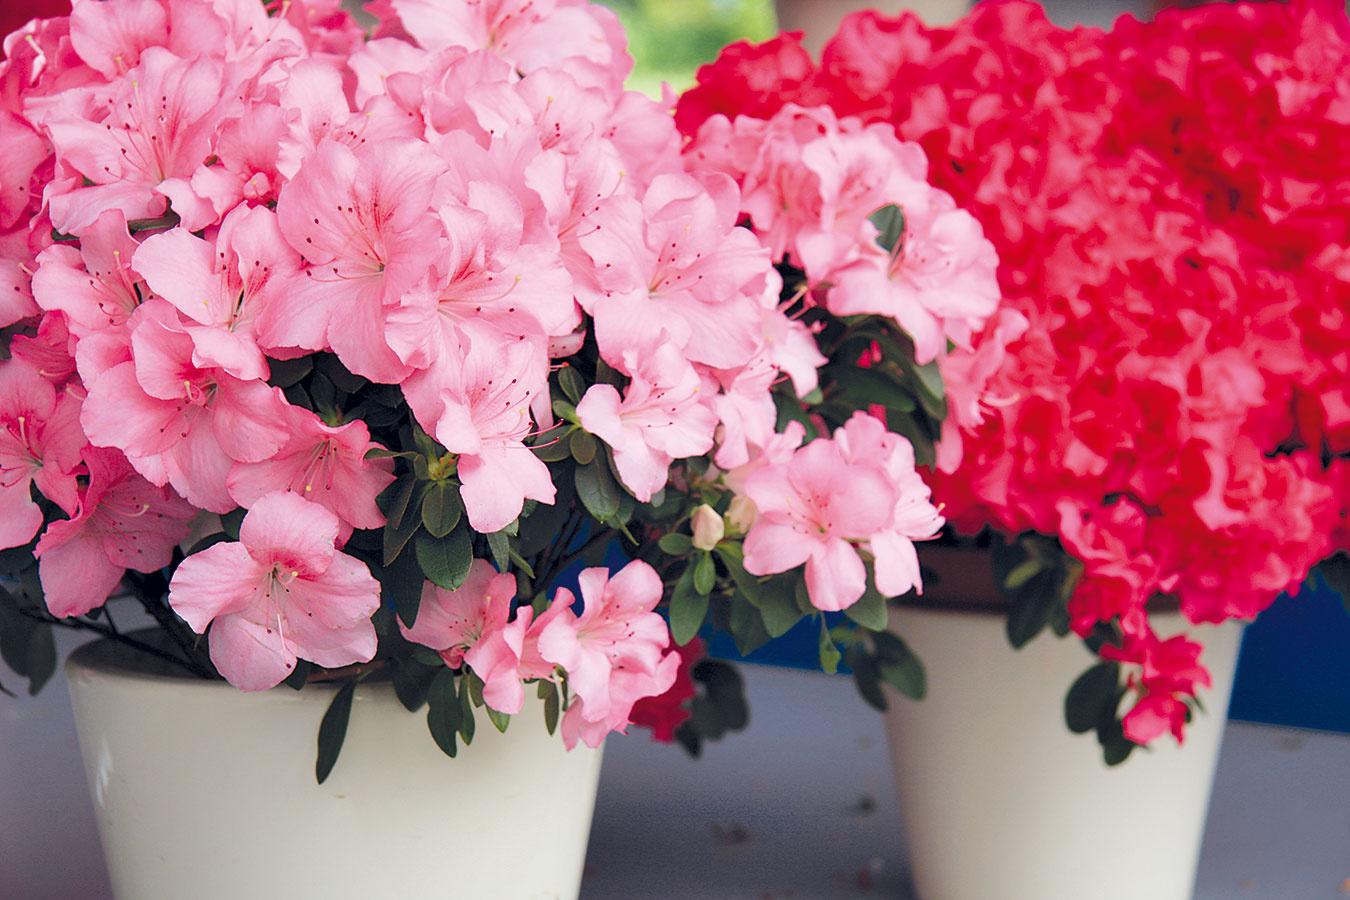 Azalka (Rhododendron simsii) pochádza zvlhkých lesov Japonska aČíny aunás sa dobre udomácnila. Aby sa jej dobre darilo, potrebuje svetlé, skôr chladnejšie miesto steplotou do 15 °C. Umiestniť ju treba do priestoru srozptýleným svetlom, prípadne do polotieňa, tesná blízkosť okna nie je vhodná. Tieto pomaly kríkovite rastúce rastliny zalievajte mäkkou odstátou vodou. Nemajú rady presychanie substrátu ani premočenie koreňov, vyplatí sa rosiť ich vlažnou vodou. Prihnojovanie počas kvitnutia nie je veľmi potrebné. Azalky vynikajú lievikovitými kvetmi ružovej, bielej alebo červenej farby apekné sú aj ich tmavozelené lesklé listy. Ozdobia chladné verandy, chodby, prípadne spálne. Po odkvitnutí ich možno ďalej pestovať, vlete aj na balkóne či vzáhrade.